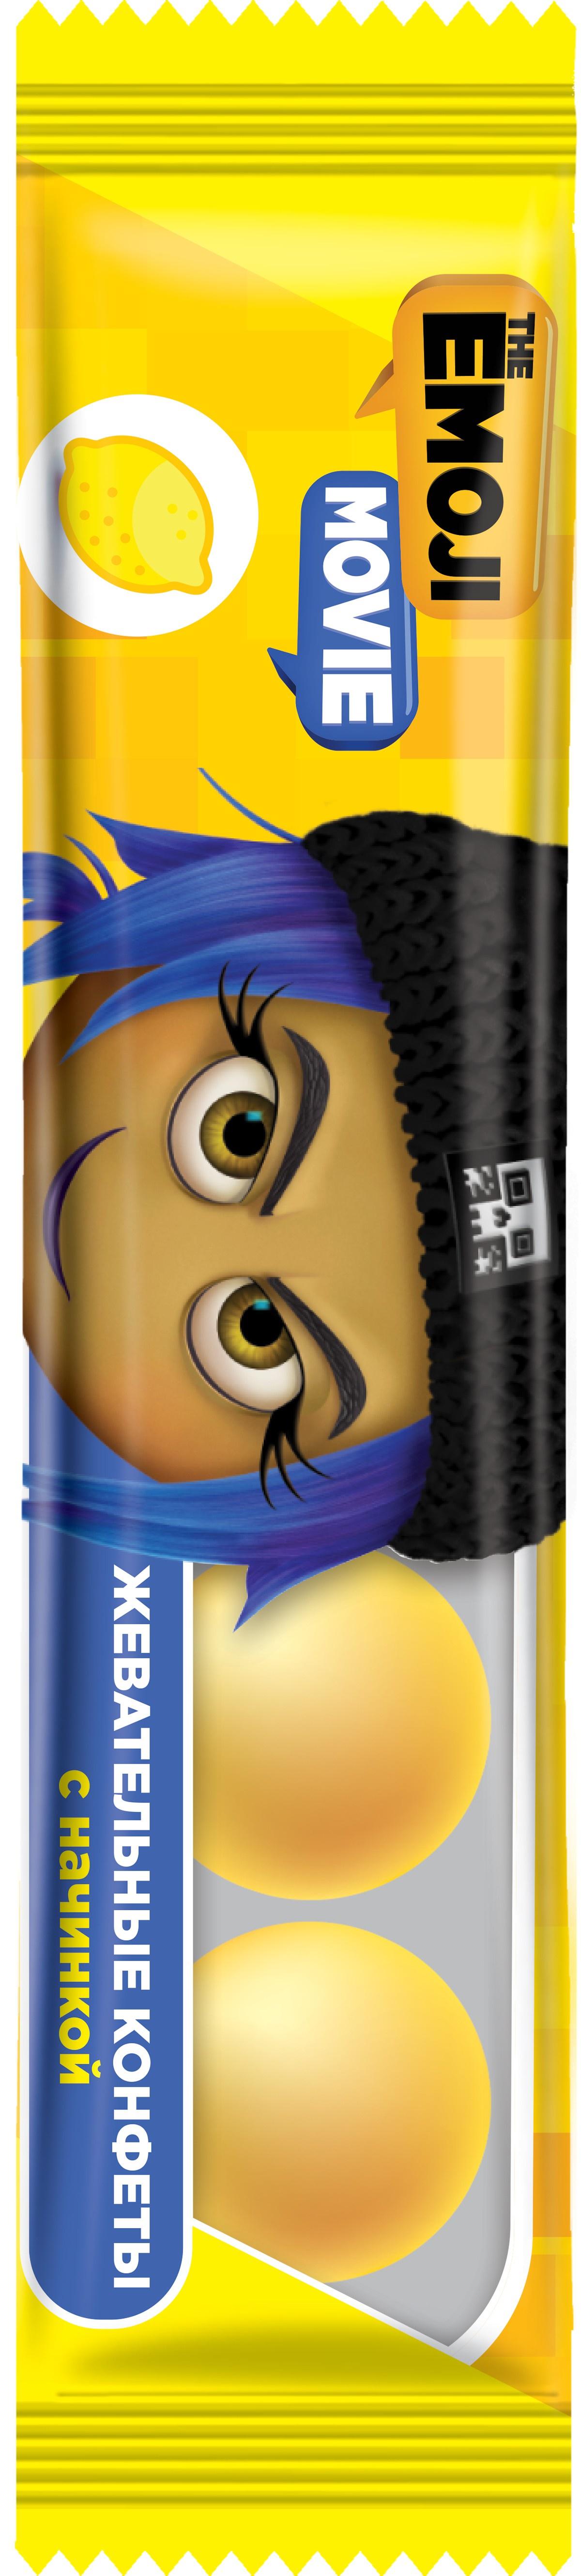 Конфеты Конфитрейд EMOJII жевательные конфеты cloetta chewits со вкусом клубники 24 шт по 29 г